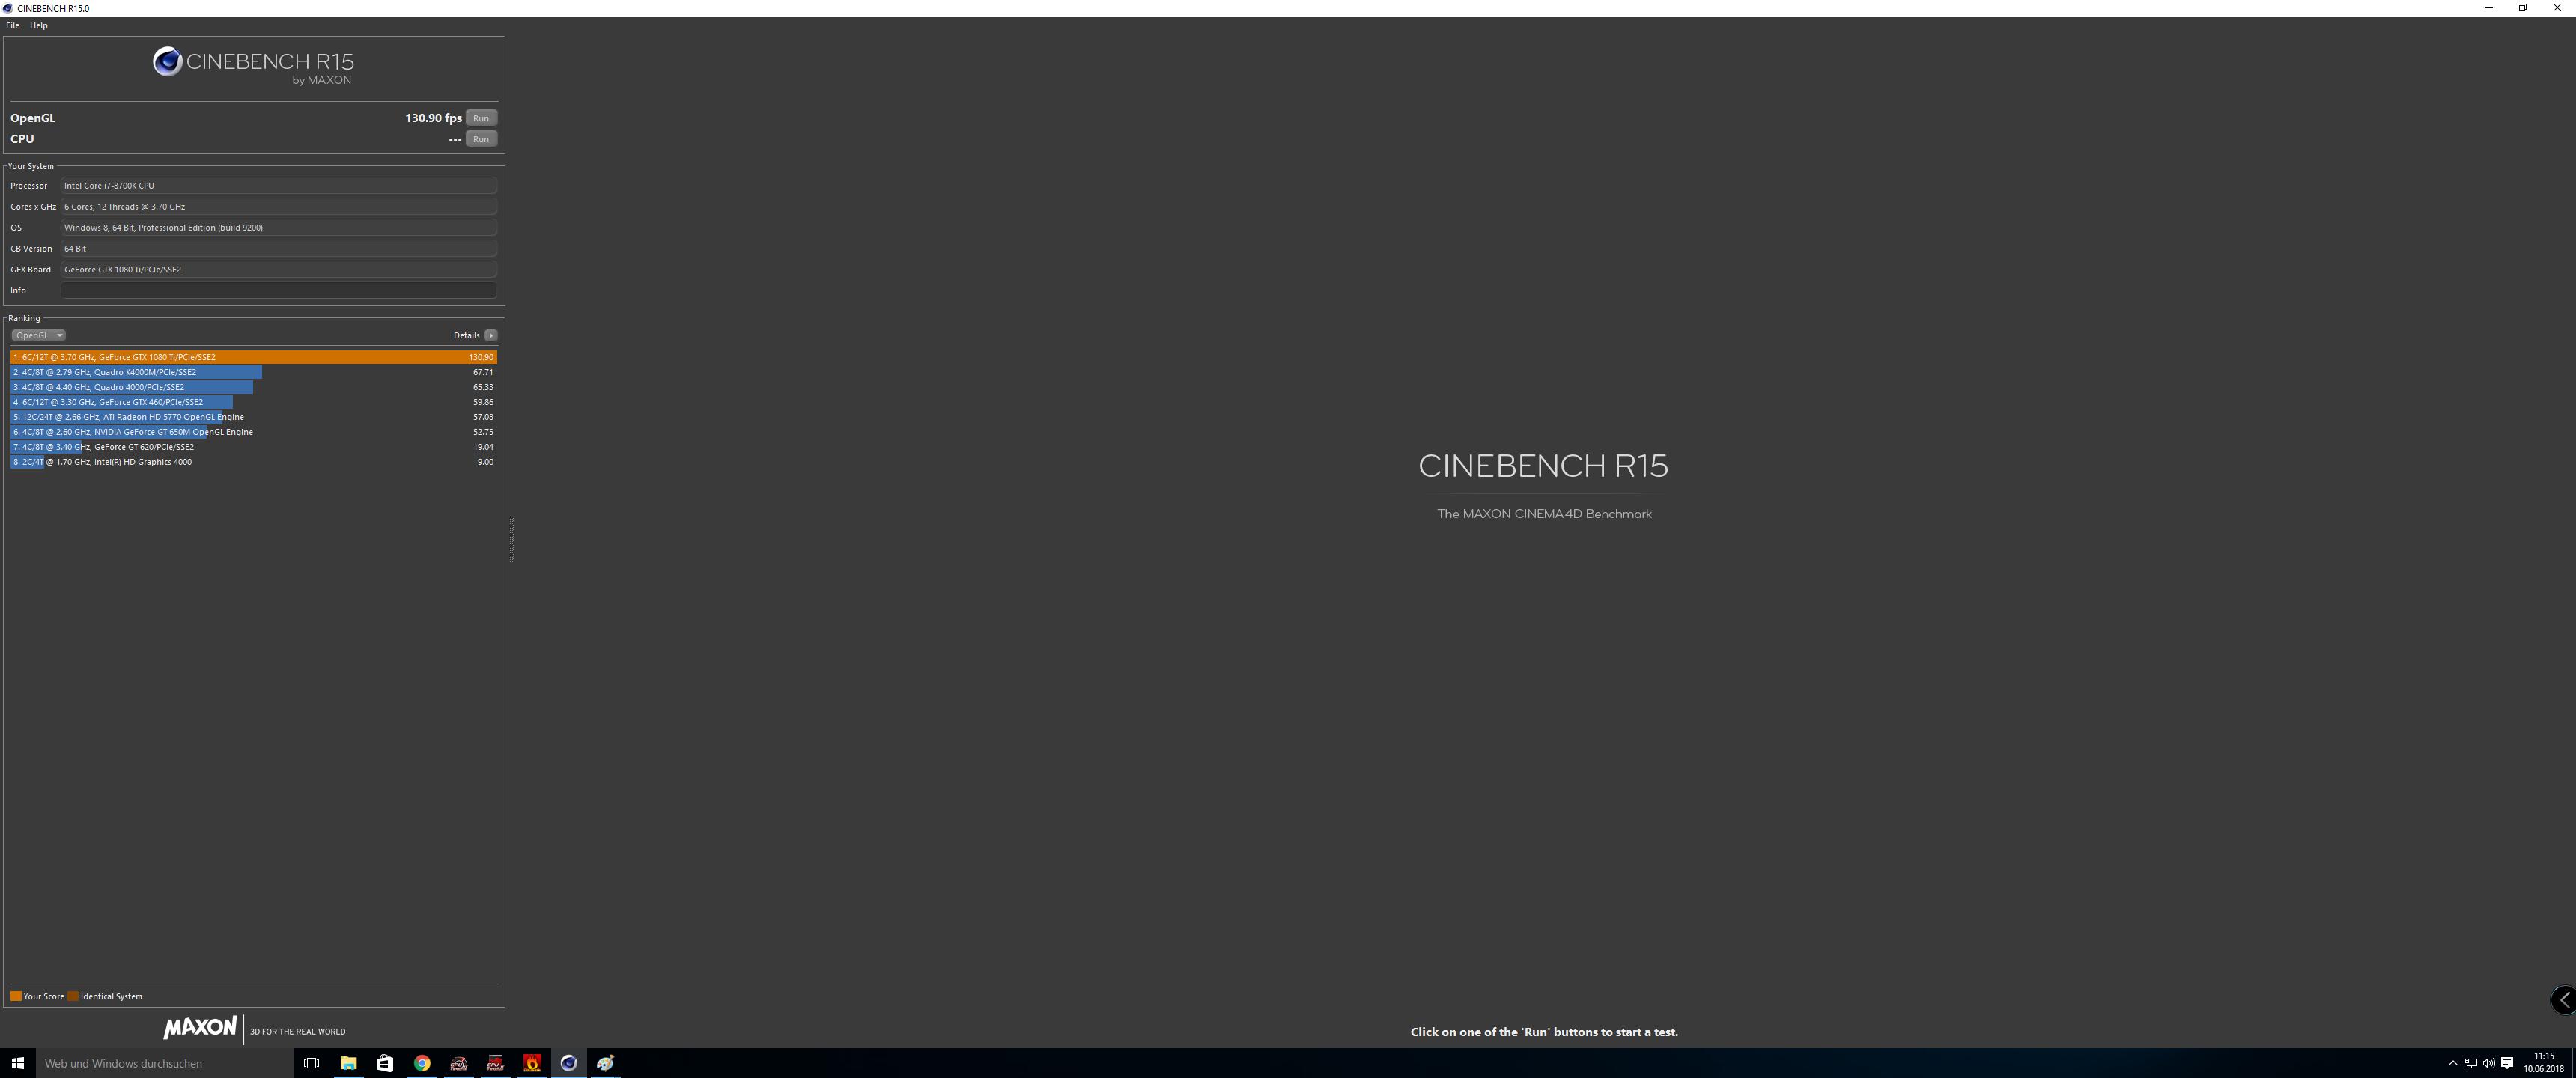 Klicken Sie auf die Grafik für eine größere Ansicht  Name:Cinebench_ergebnis.png Hits:39 Größe:103,7 KB ID:999687